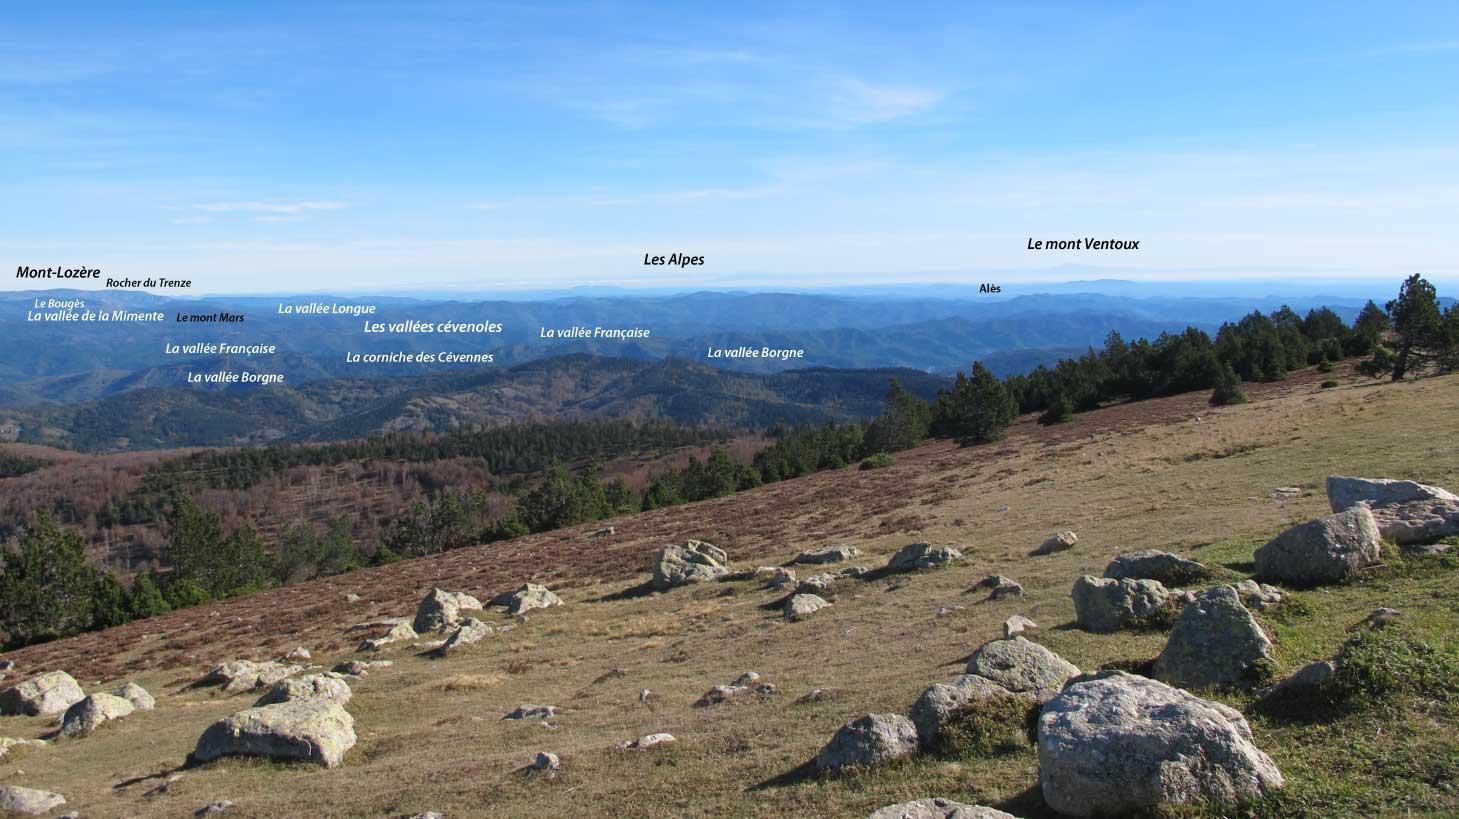 Panorama vu de l'Aigoual vers l'est vers le mont Ventoux